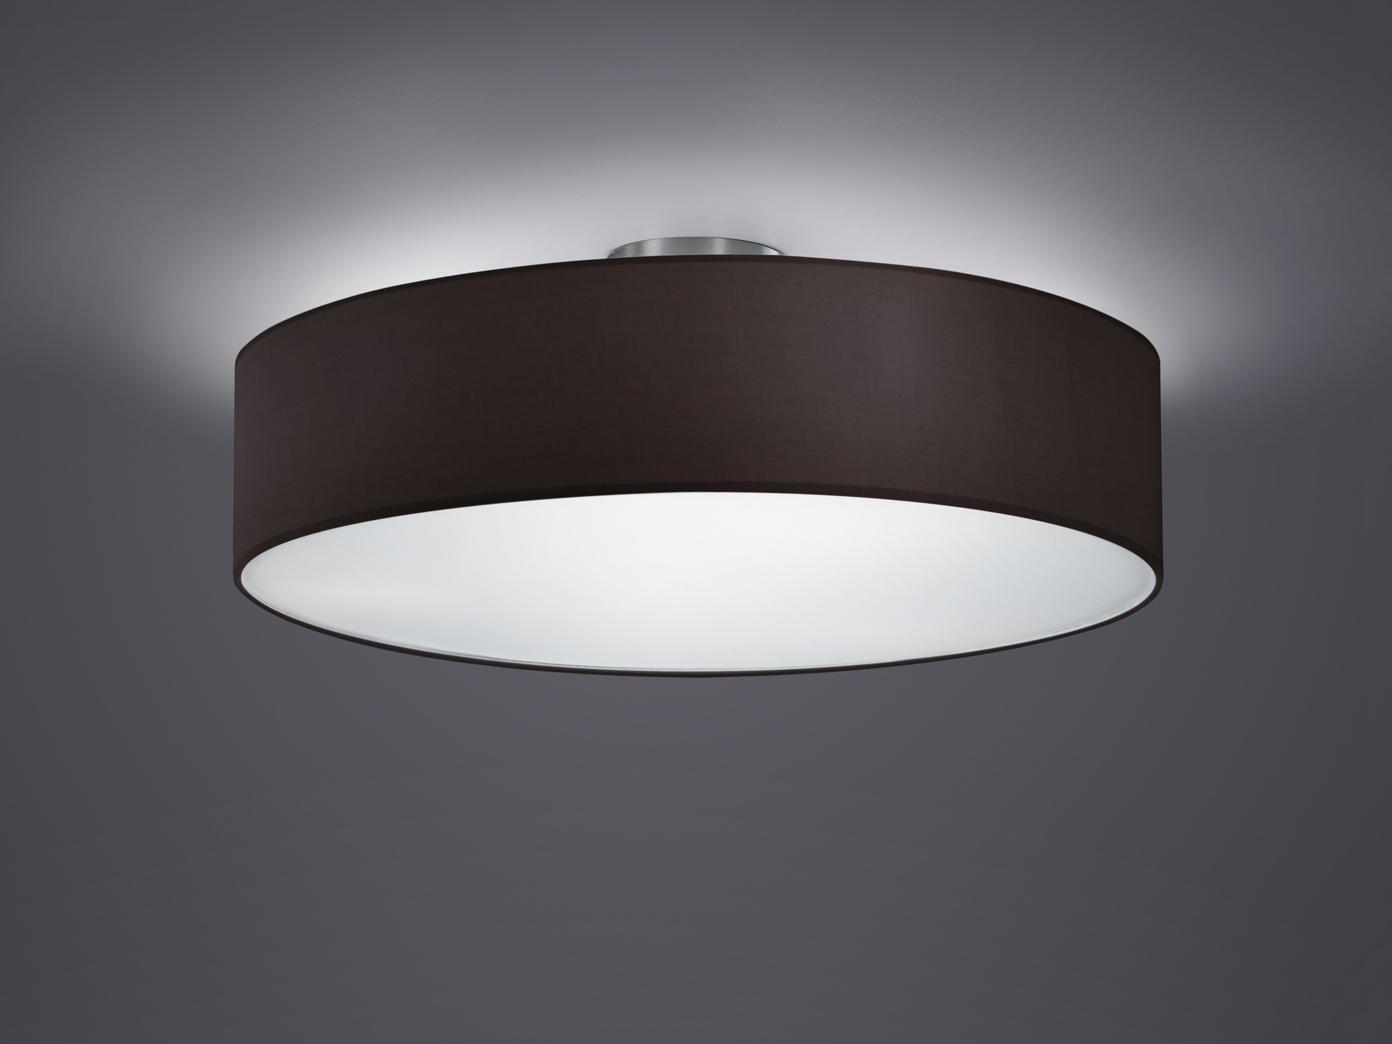 trio design deckenleuchte rund 50cm stoff schirm schwarz. Black Bedroom Furniture Sets. Home Design Ideas